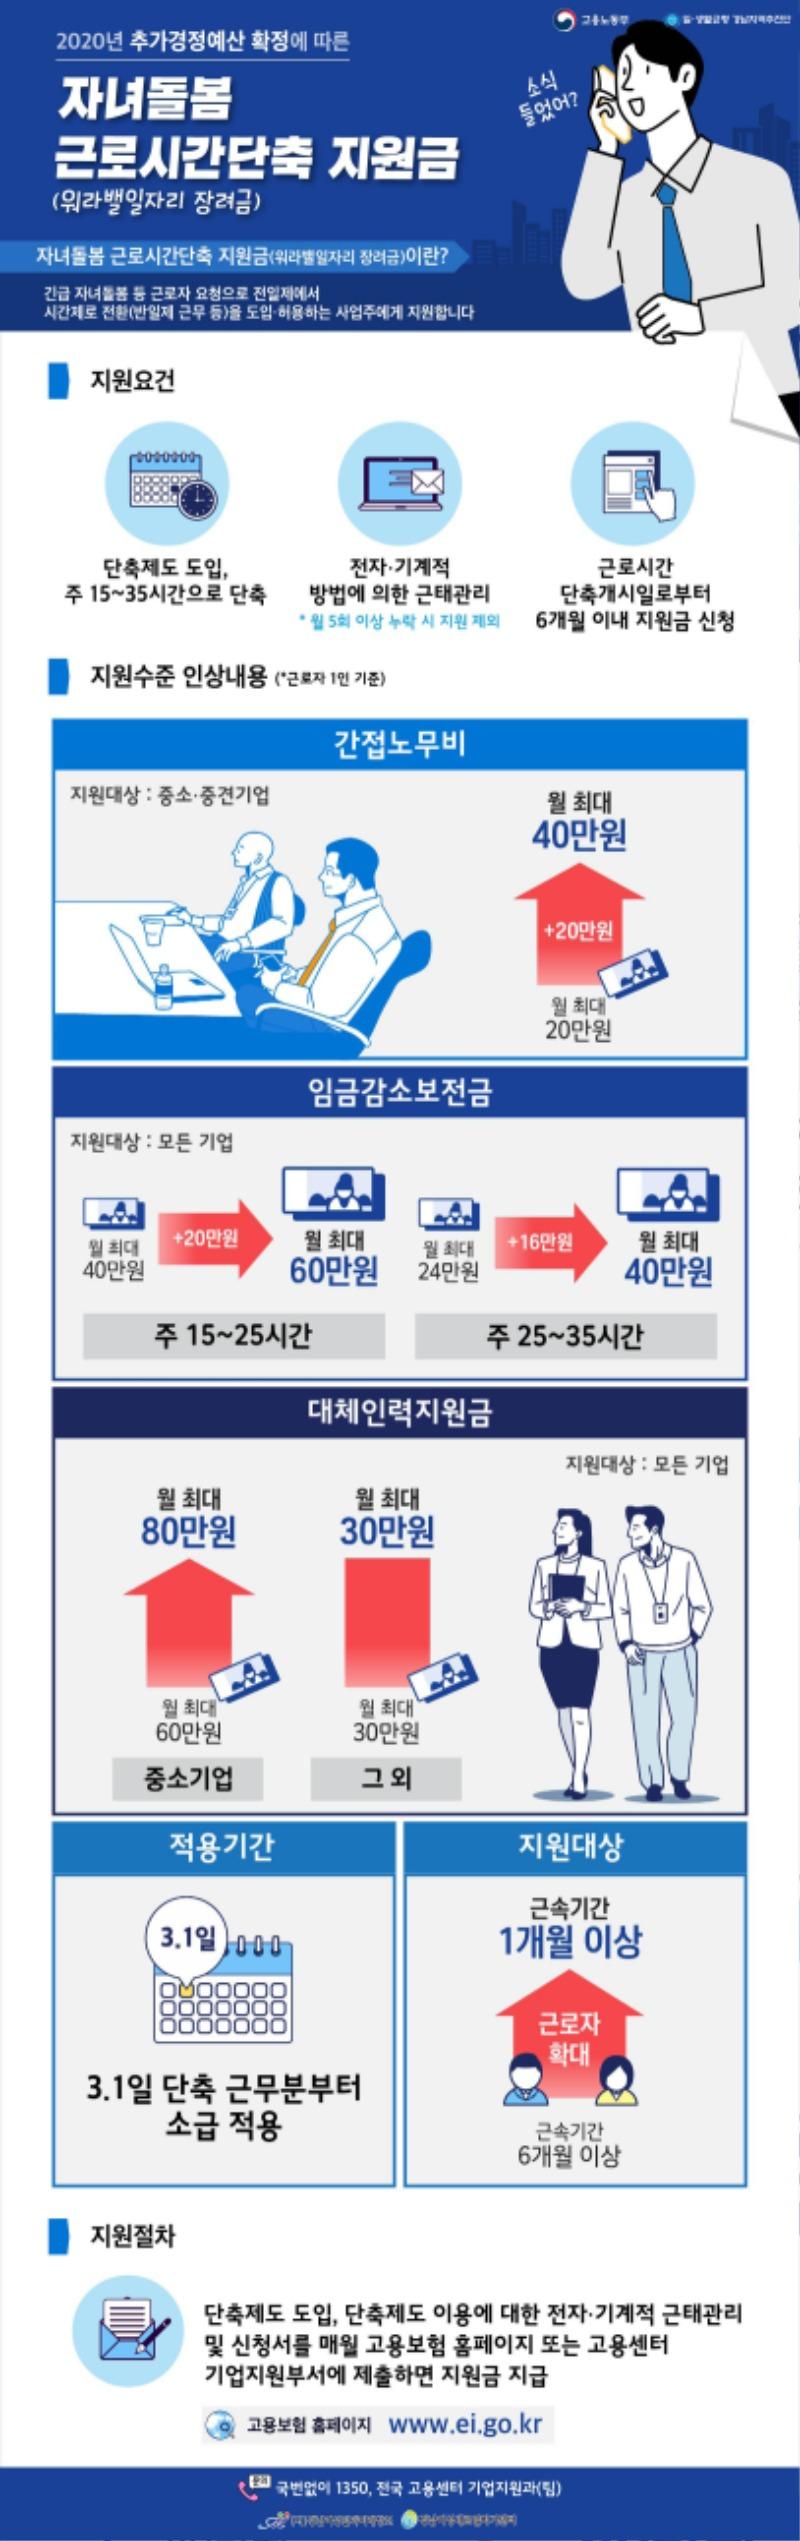 [이지스] 자녀돌봄 근로시간단축 지원금 인포그래픽(최종)수정.jpg